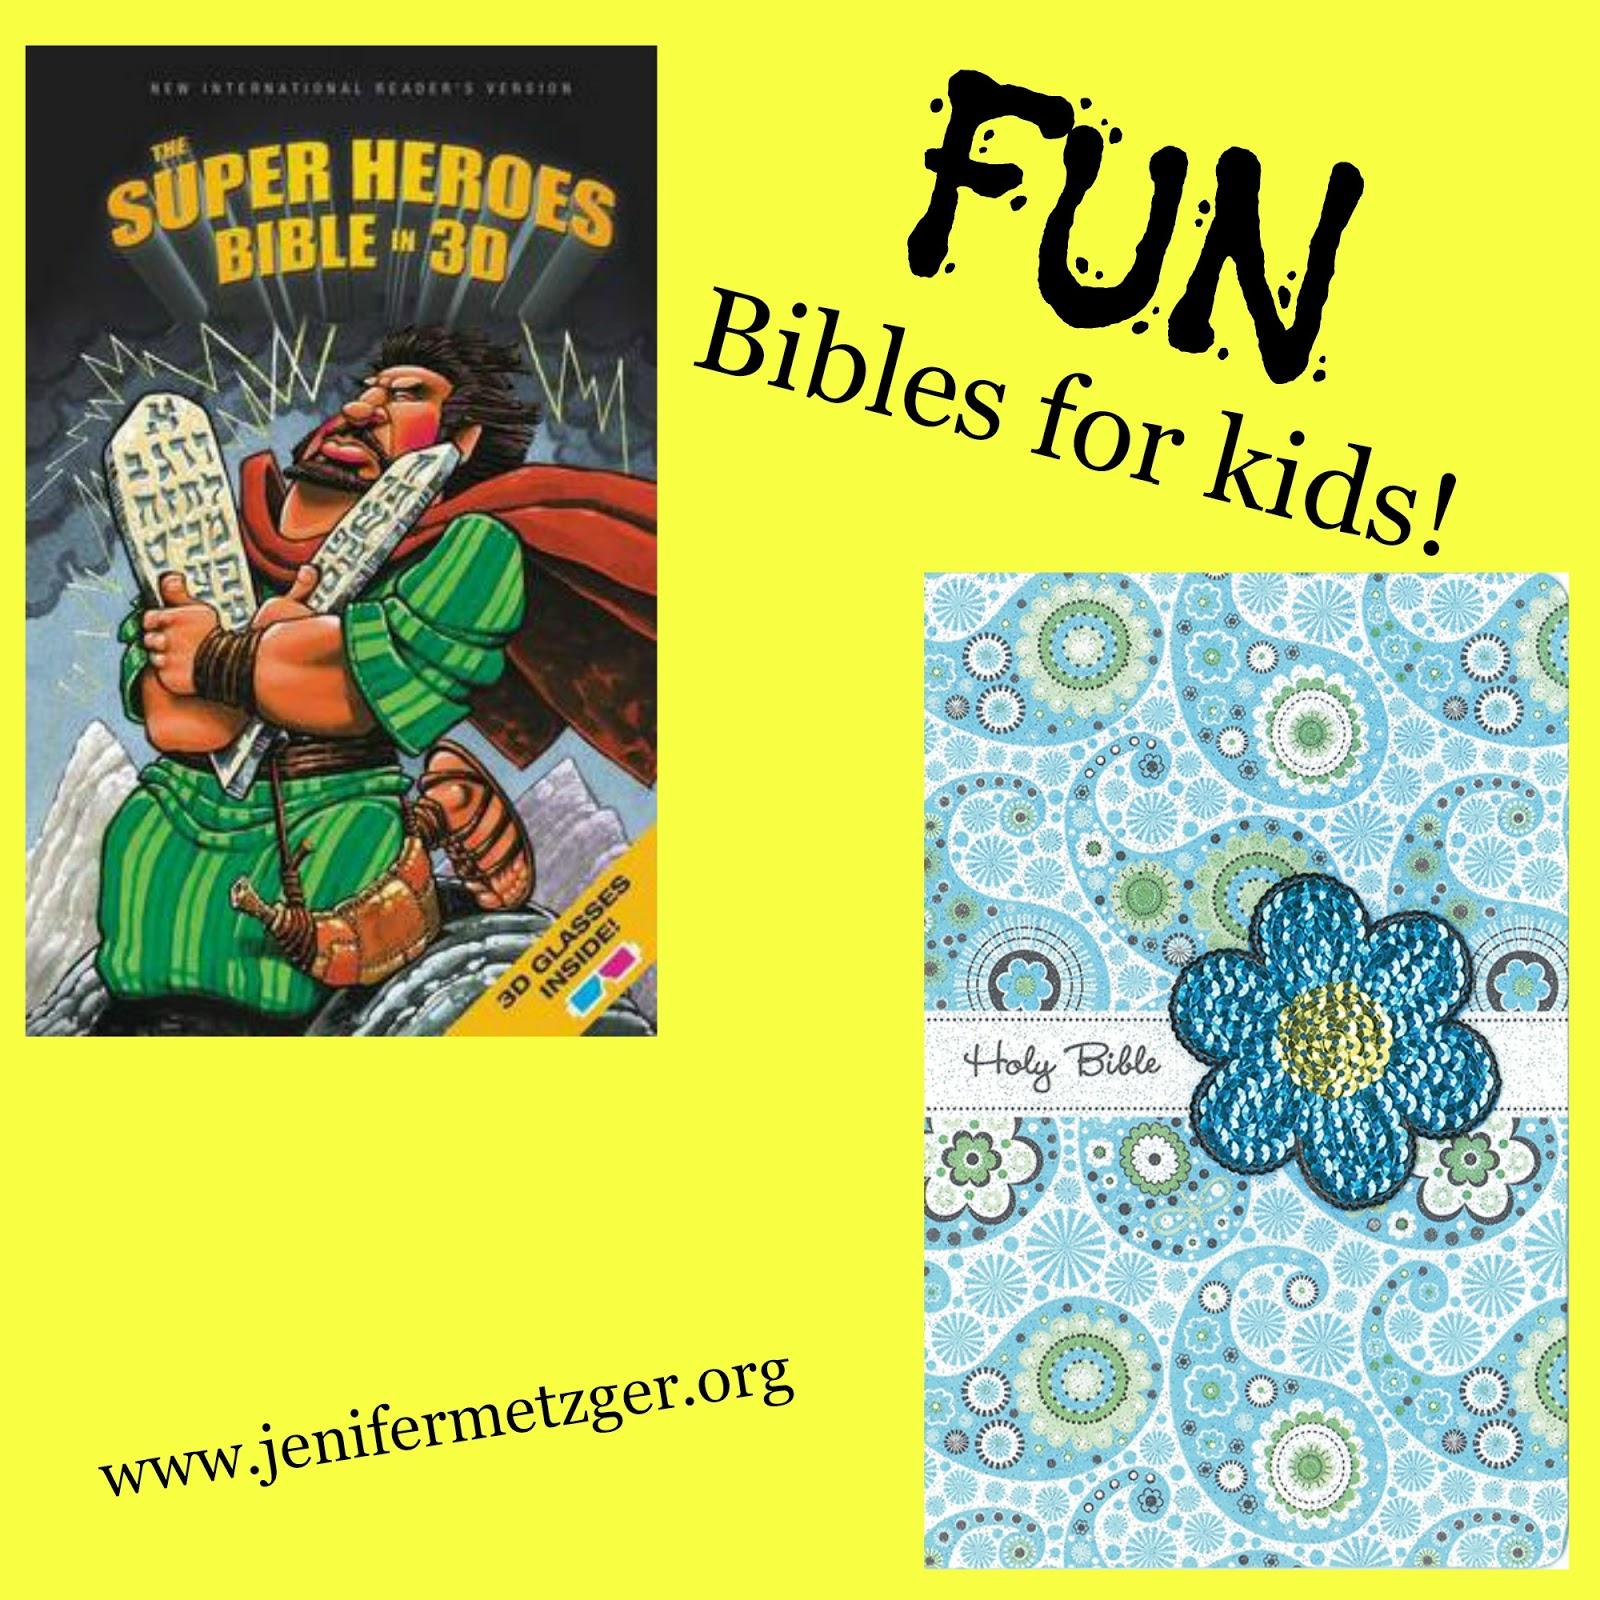 Fun #Bibles for #kids